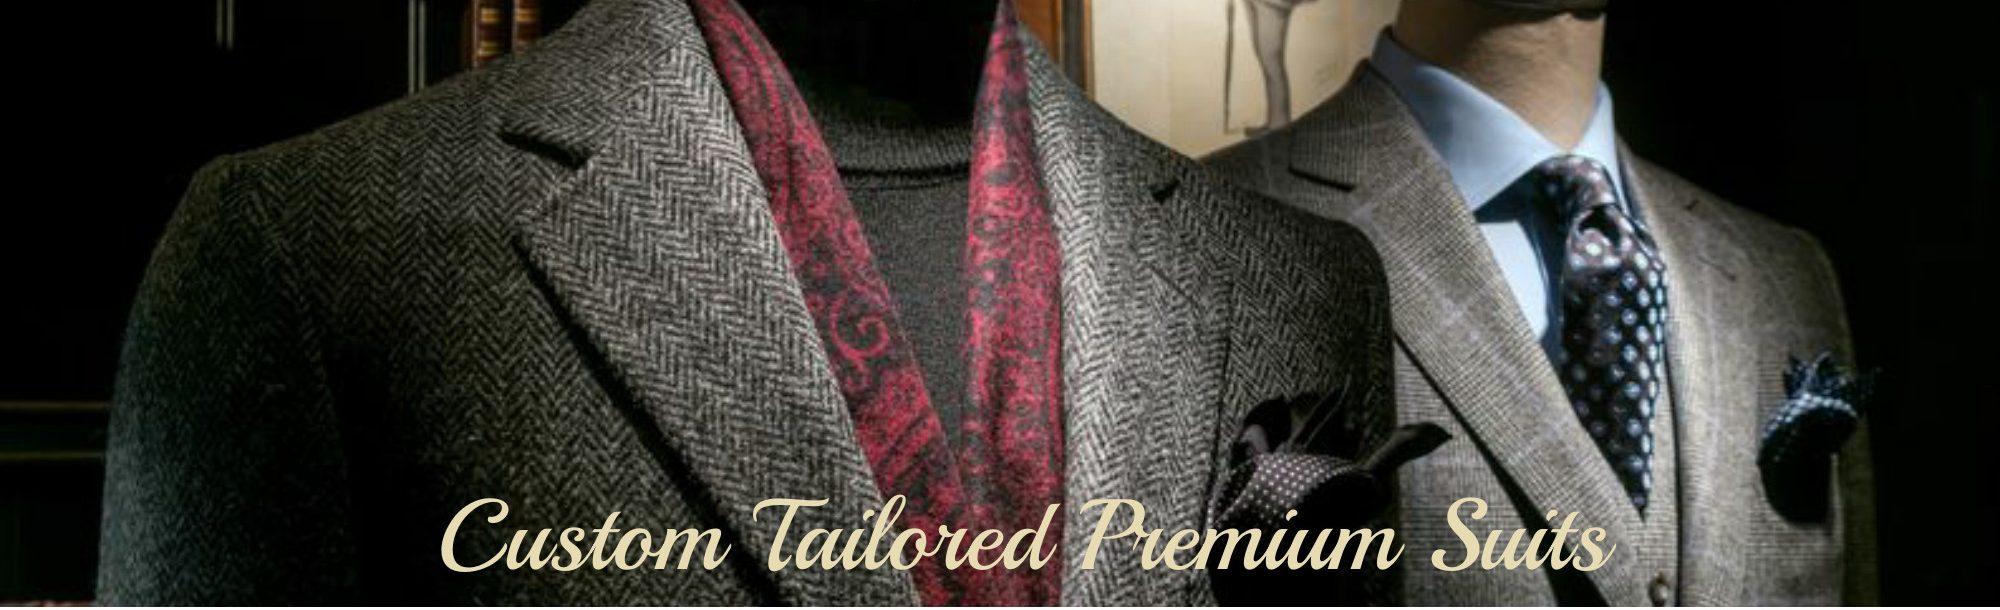 custom bespoke tailoring services for men across delhi gurgaon noida, best mens tailor